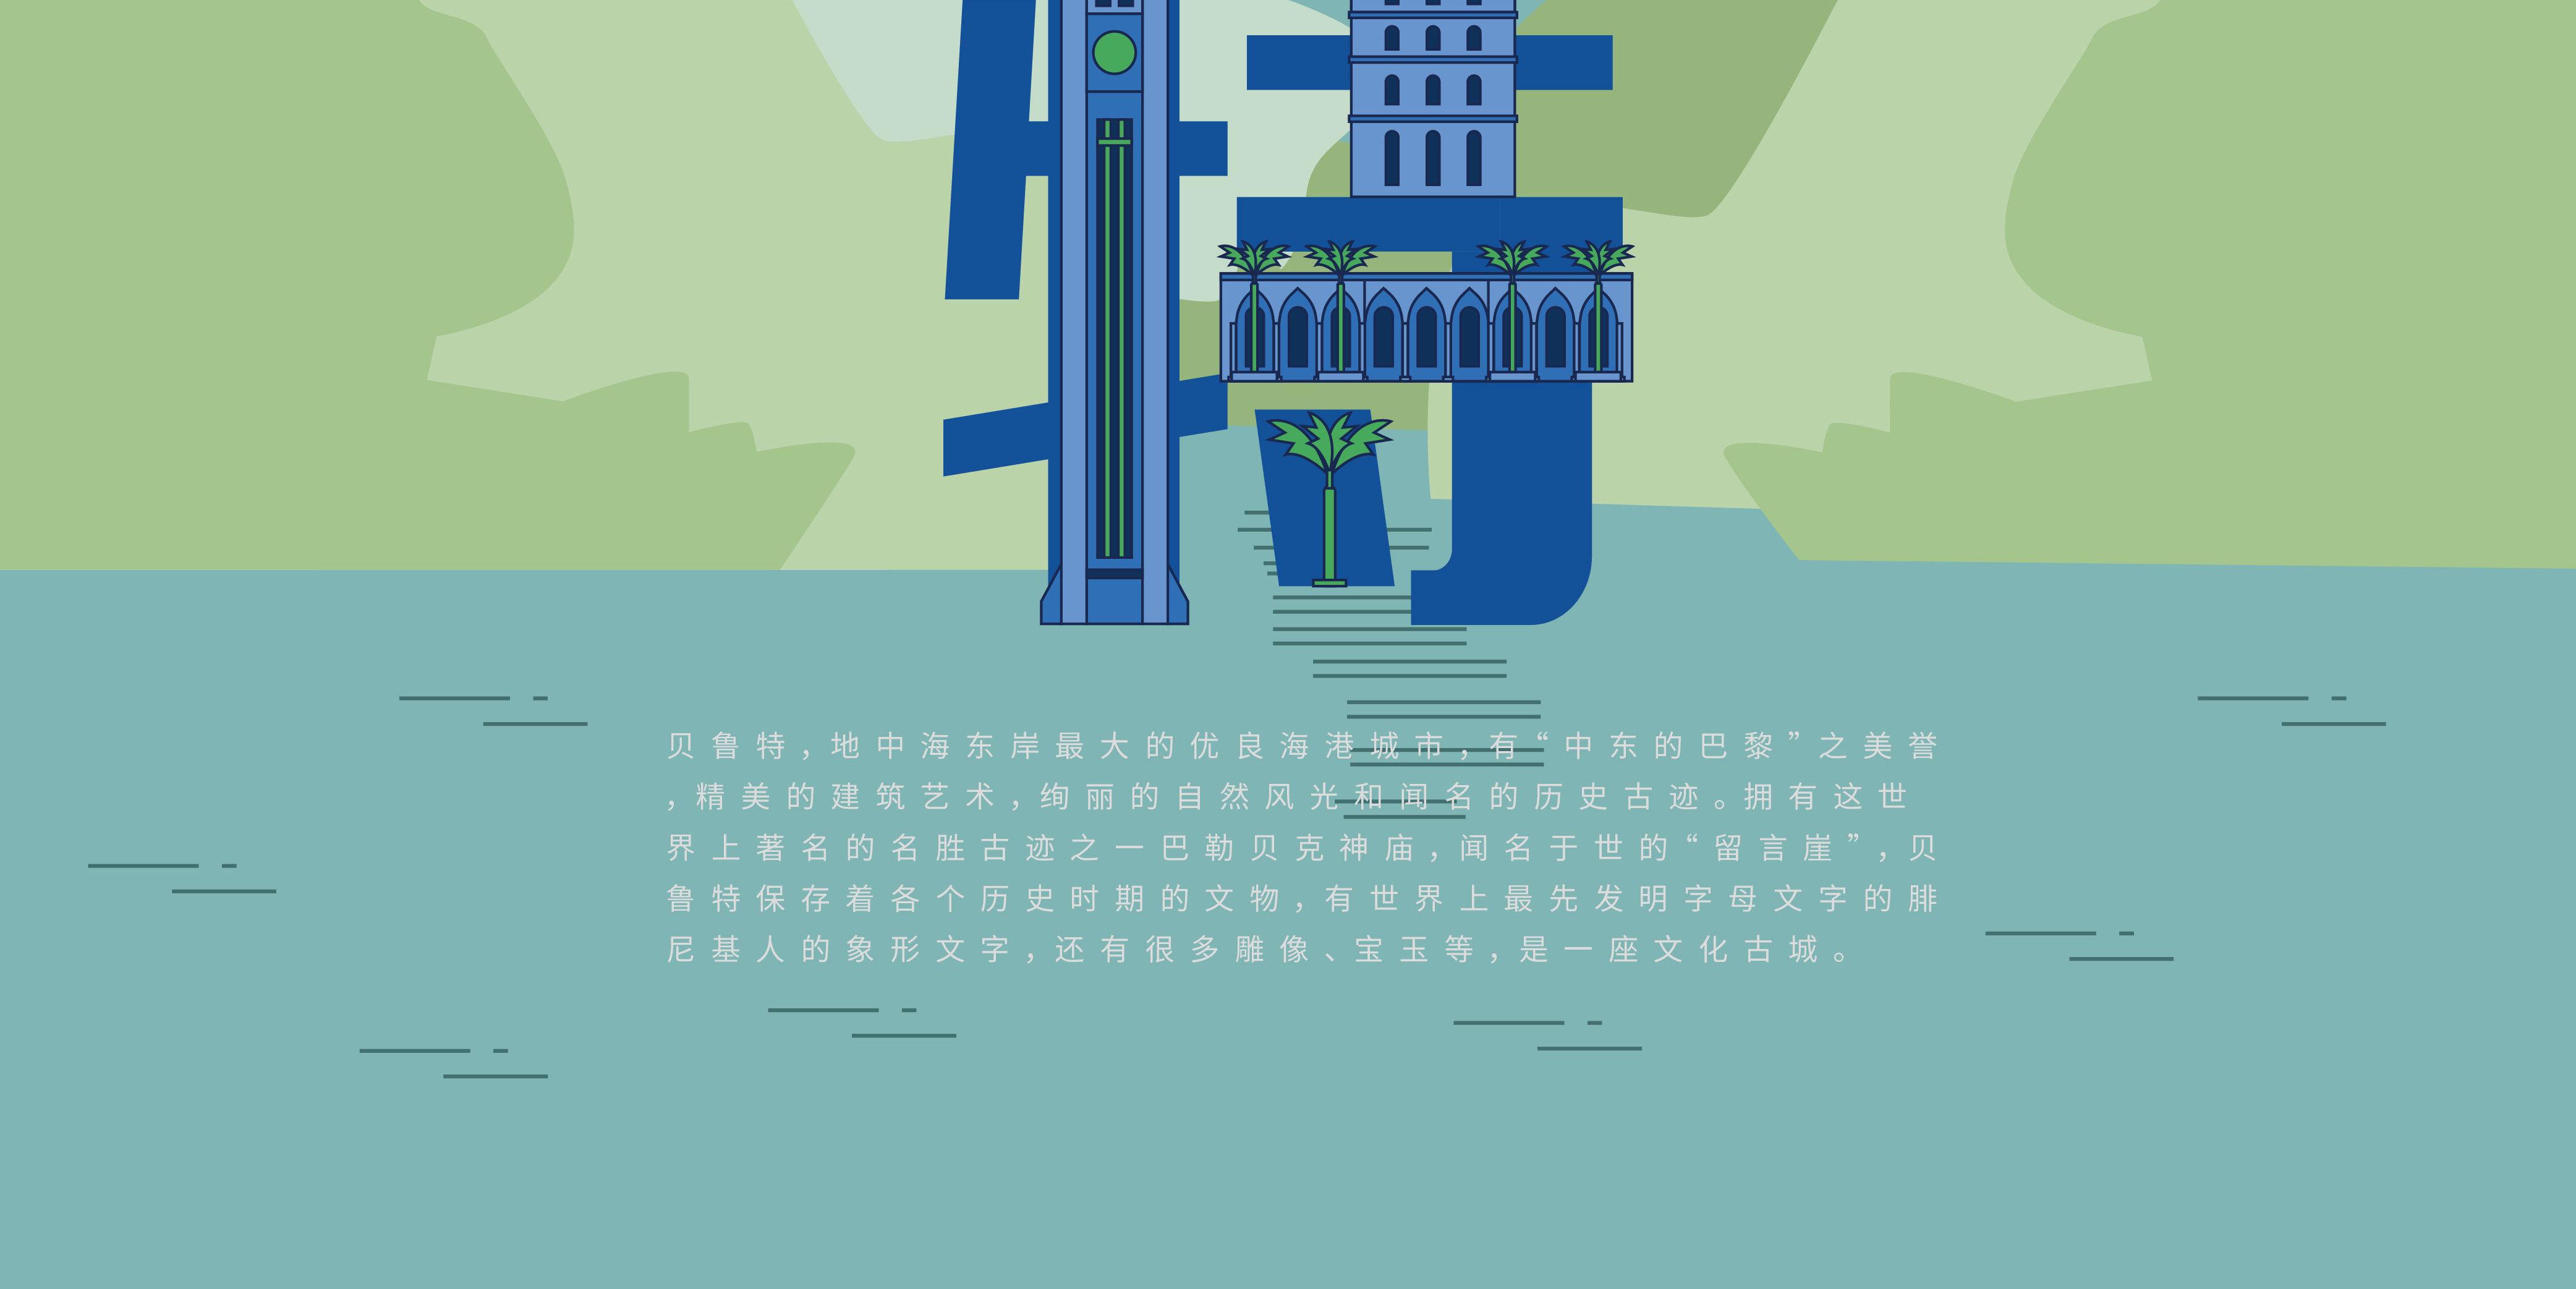 旅游行业蓝色系字融画风格旅游主题贝鲁特旅游成都中南建筑设计院6图片